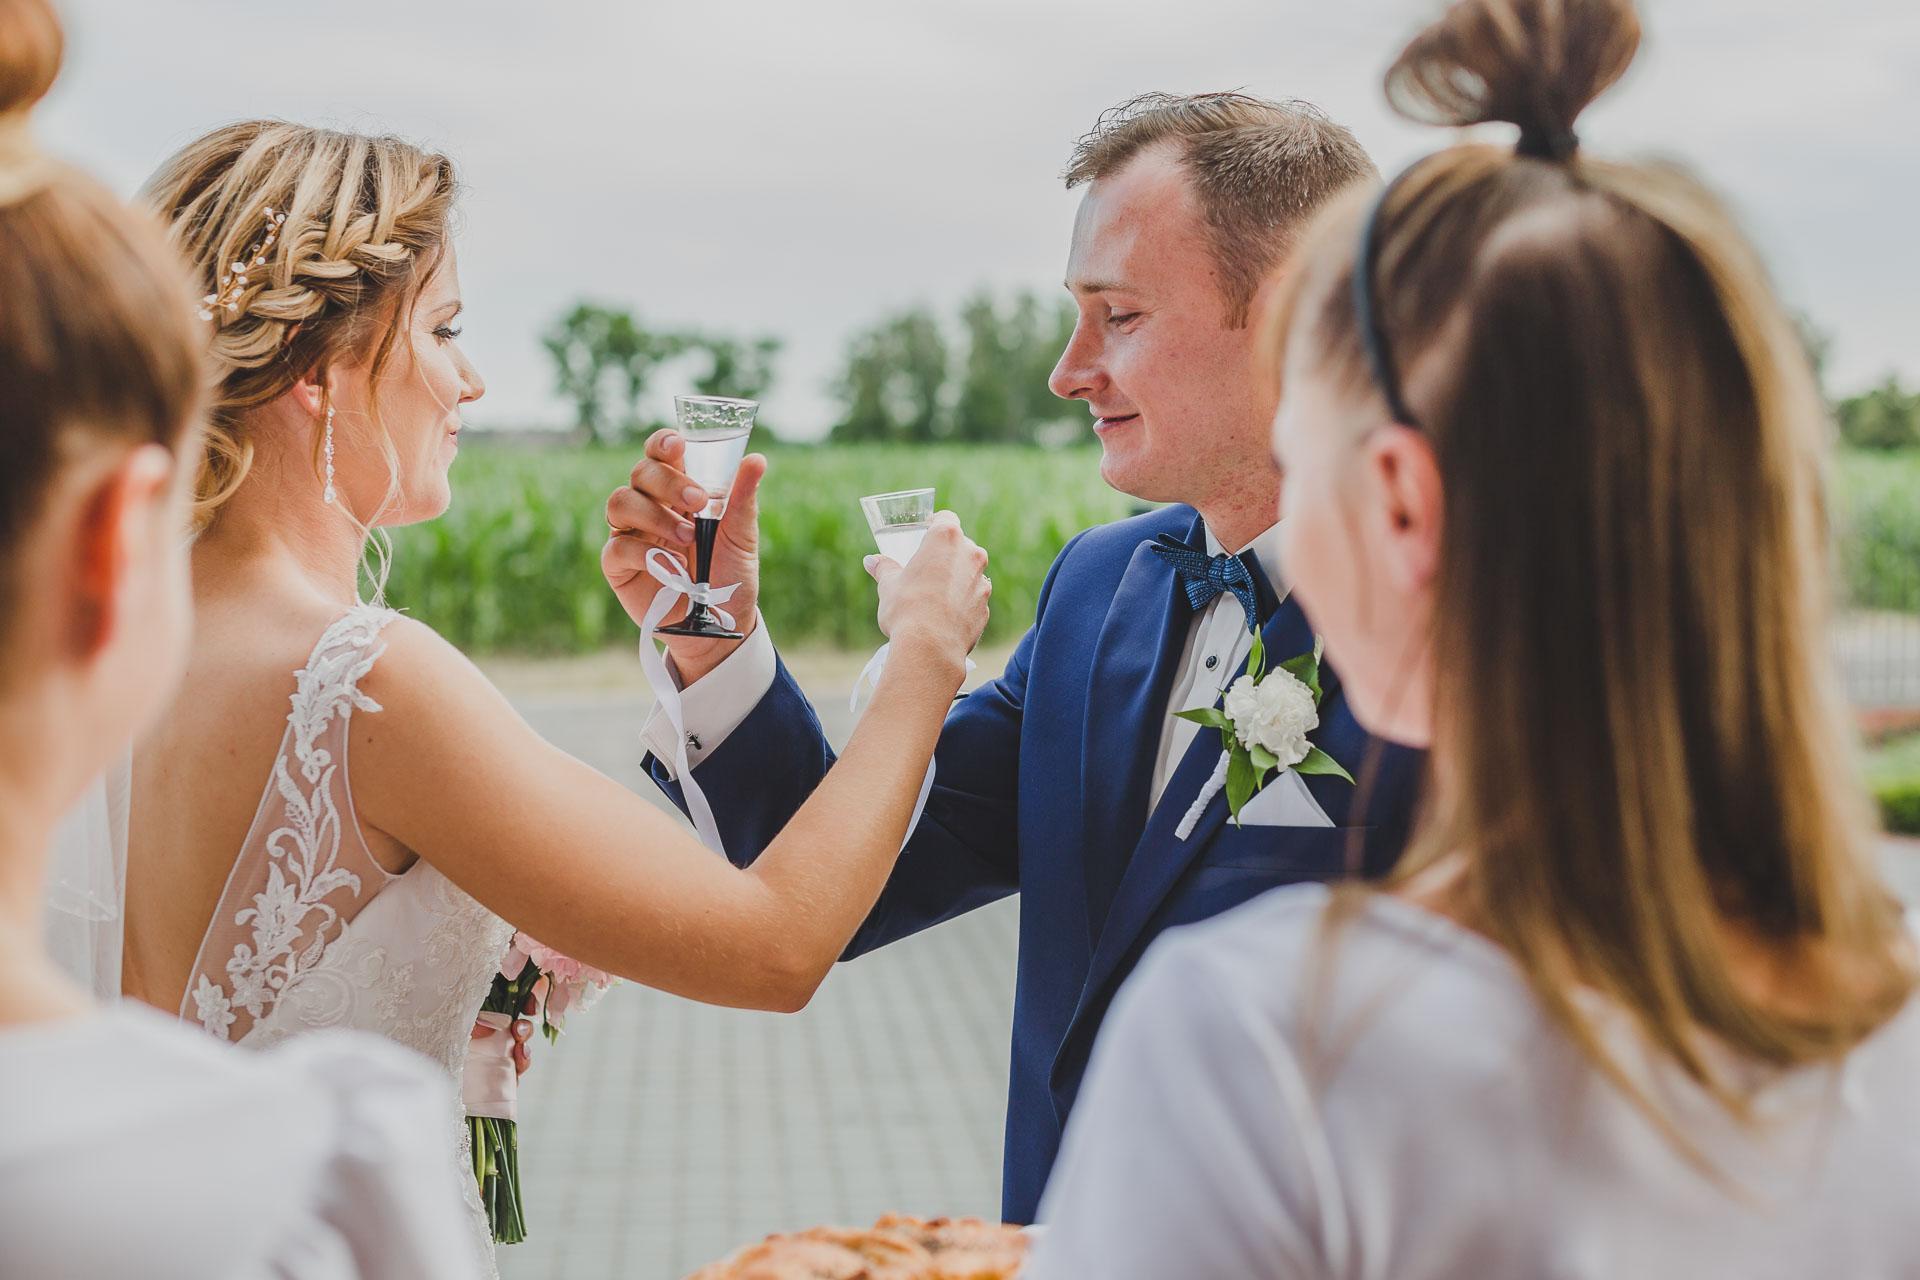 Przywitanie pary młodej - reportaż